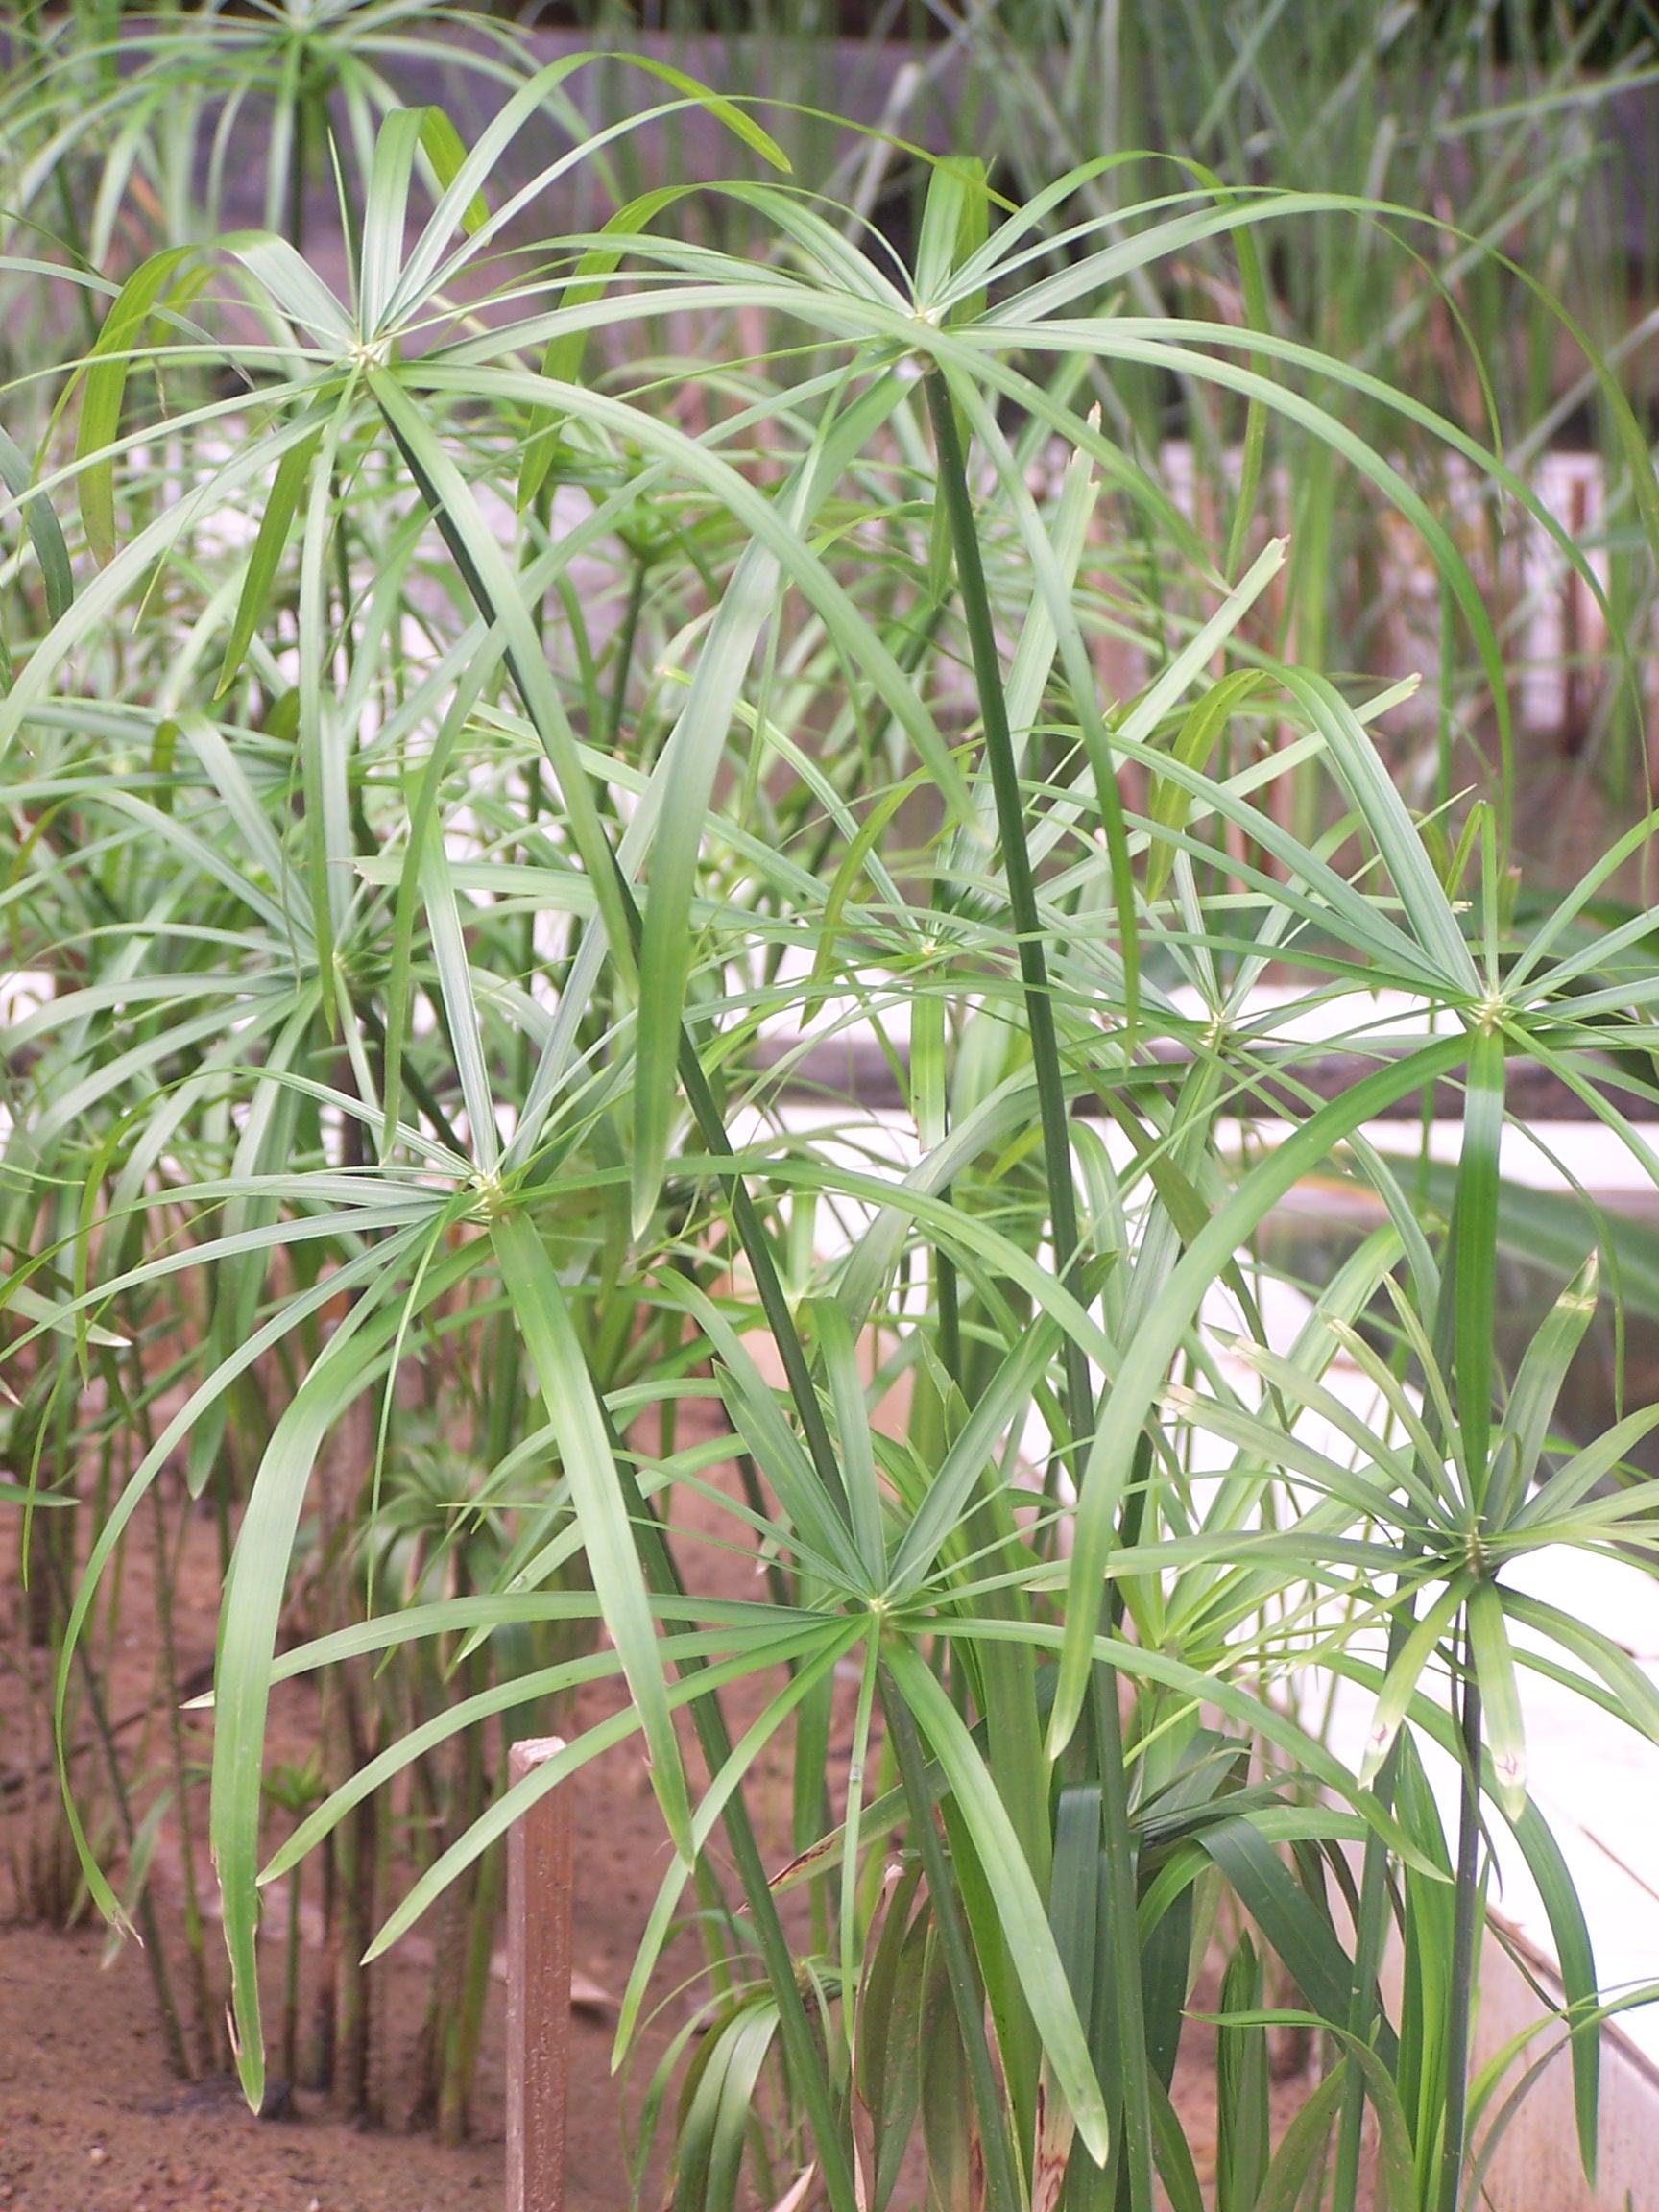 植物 湿地/大家知道这是什么湿地植物吗?